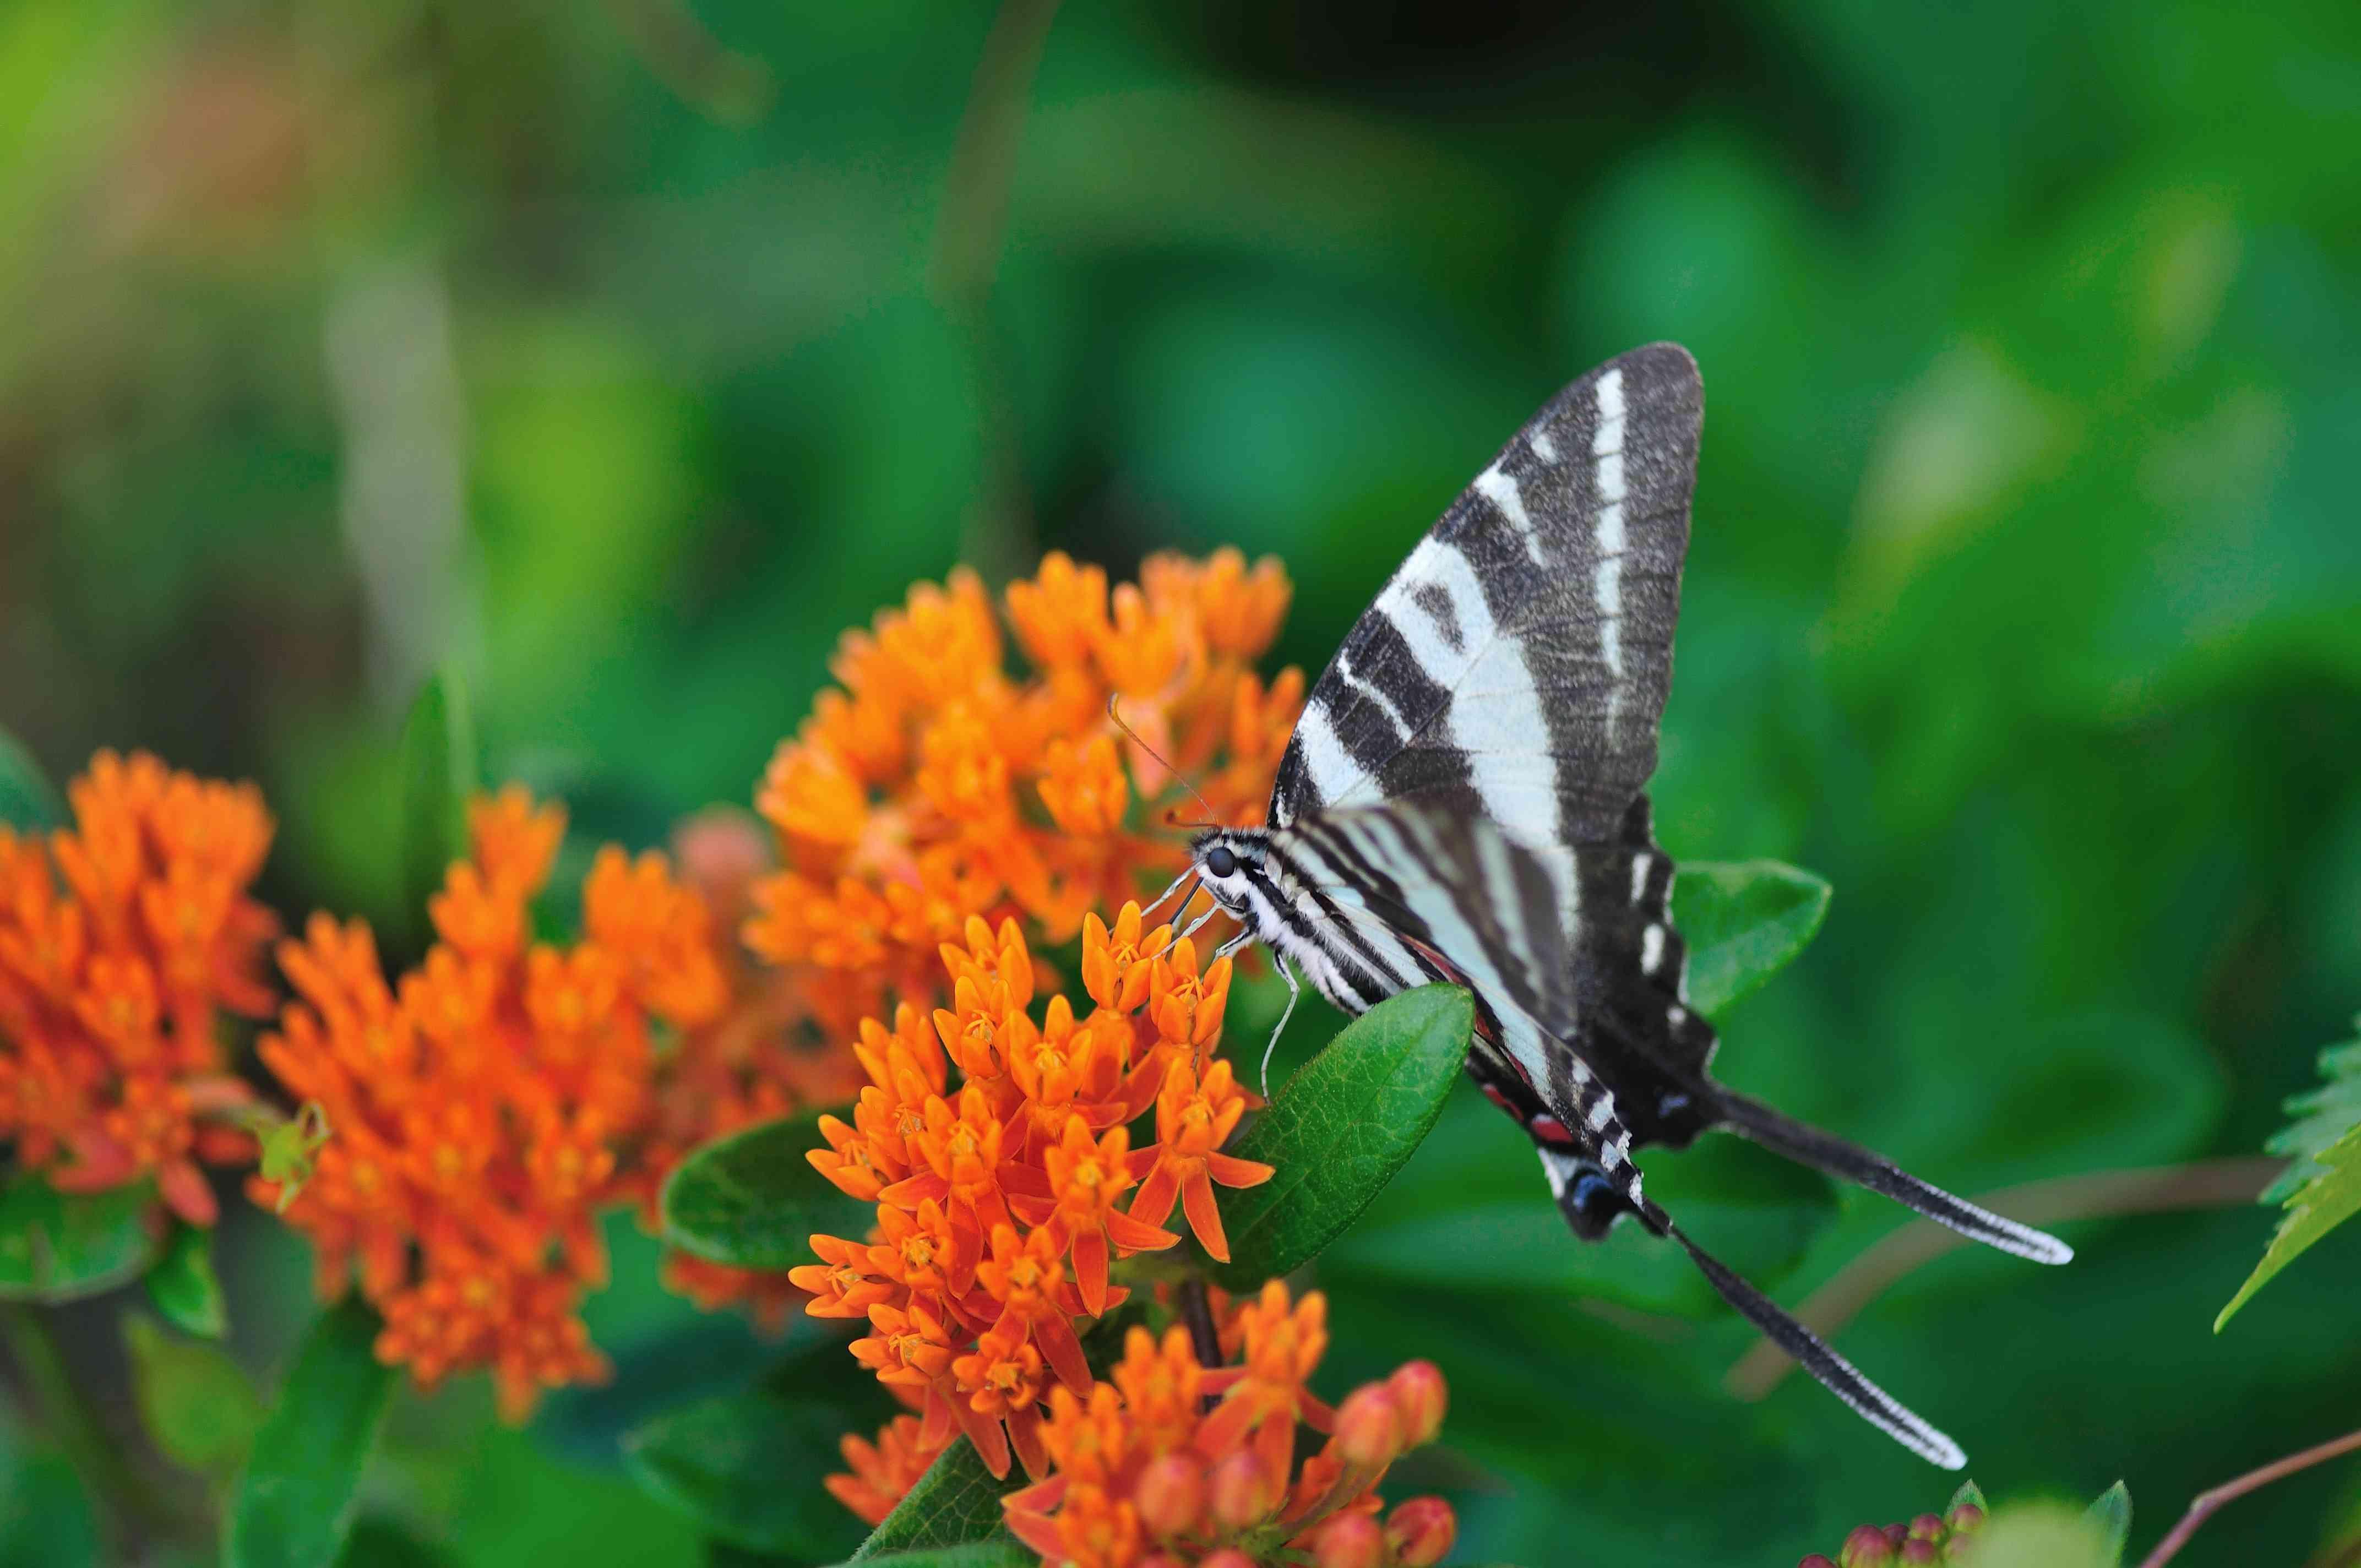 Zebra Swallowtail Feeding on Butterfly Weed